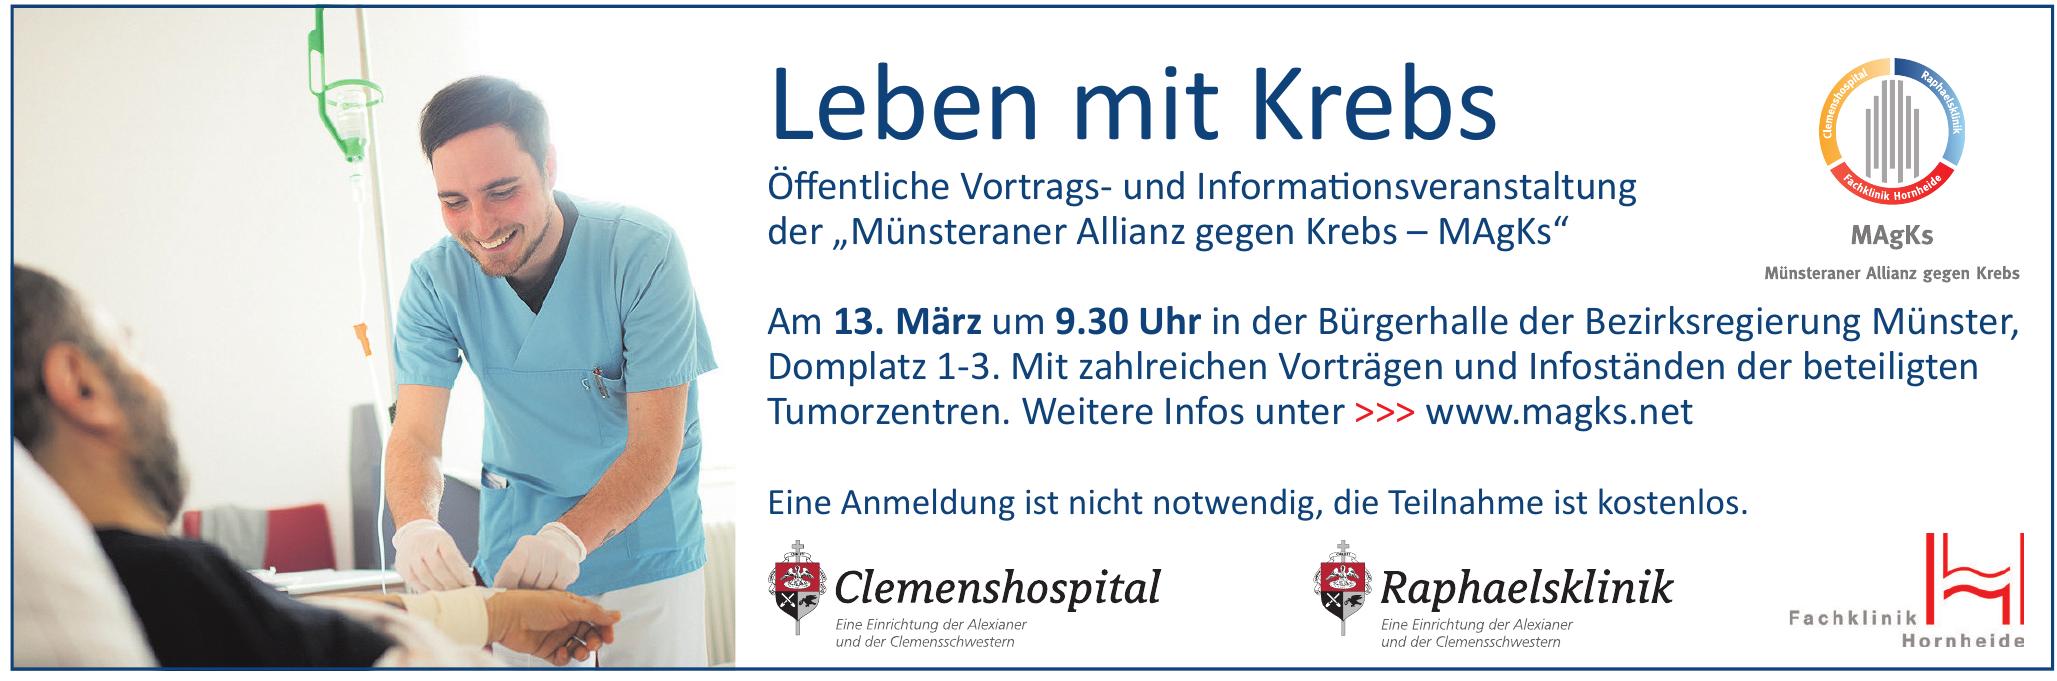 MAgKs Münsteraner Allianz gegen Krebs